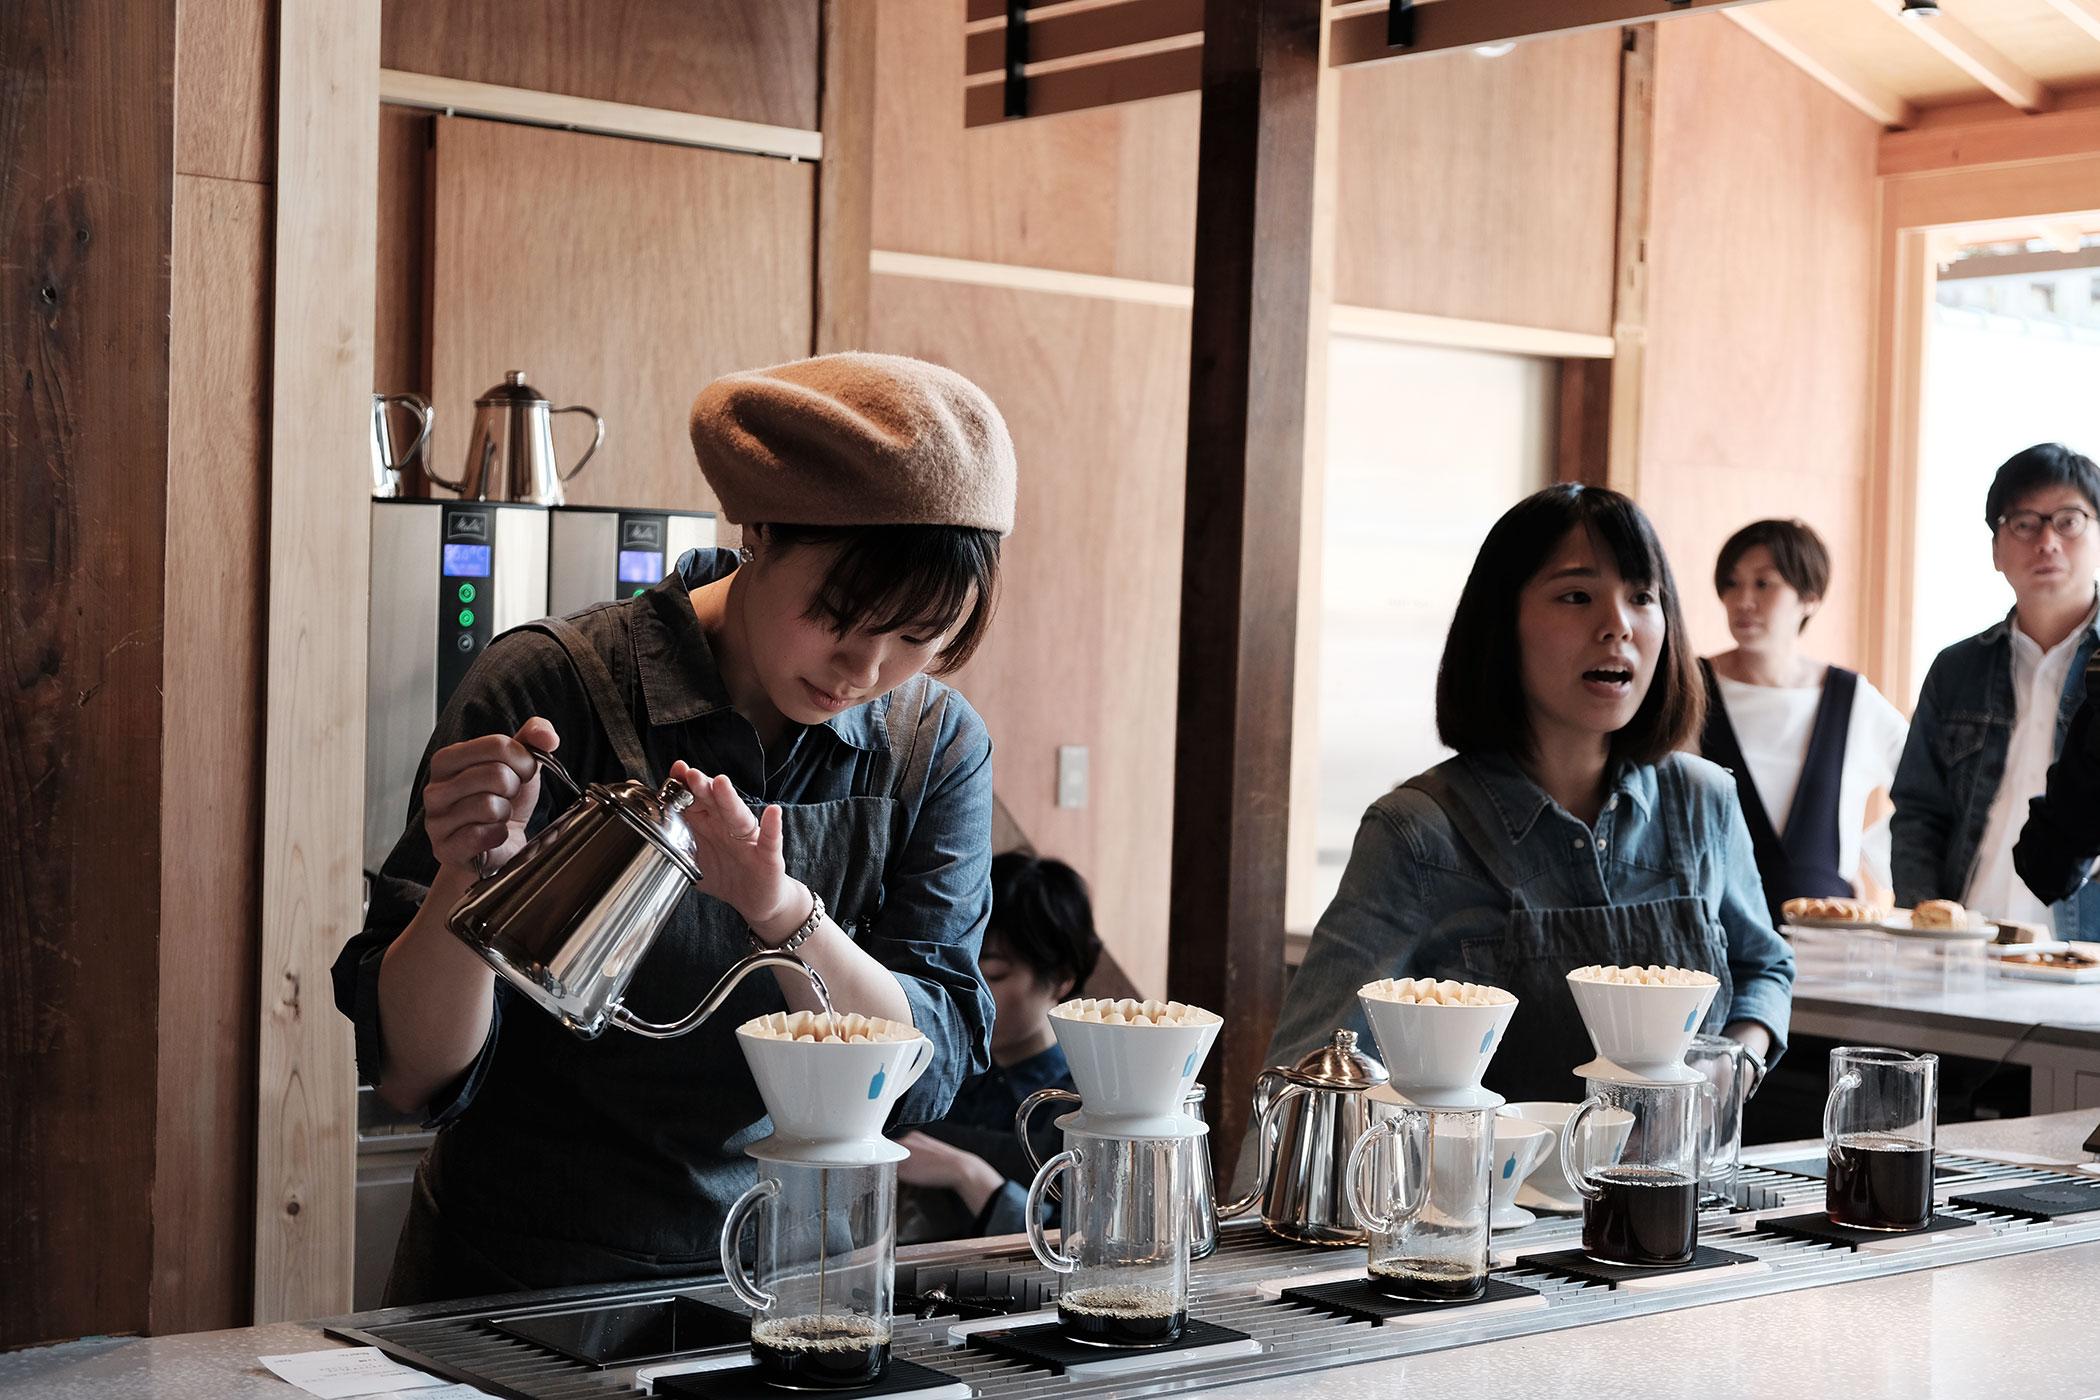 待望の初出店!ブルーボトルコーヒーの関西第一号は京都の南禅寺に ブルーボトルコーヒー 京都カフェ (BLUE BOTTLE COFFEE KYOTO) カウンター2